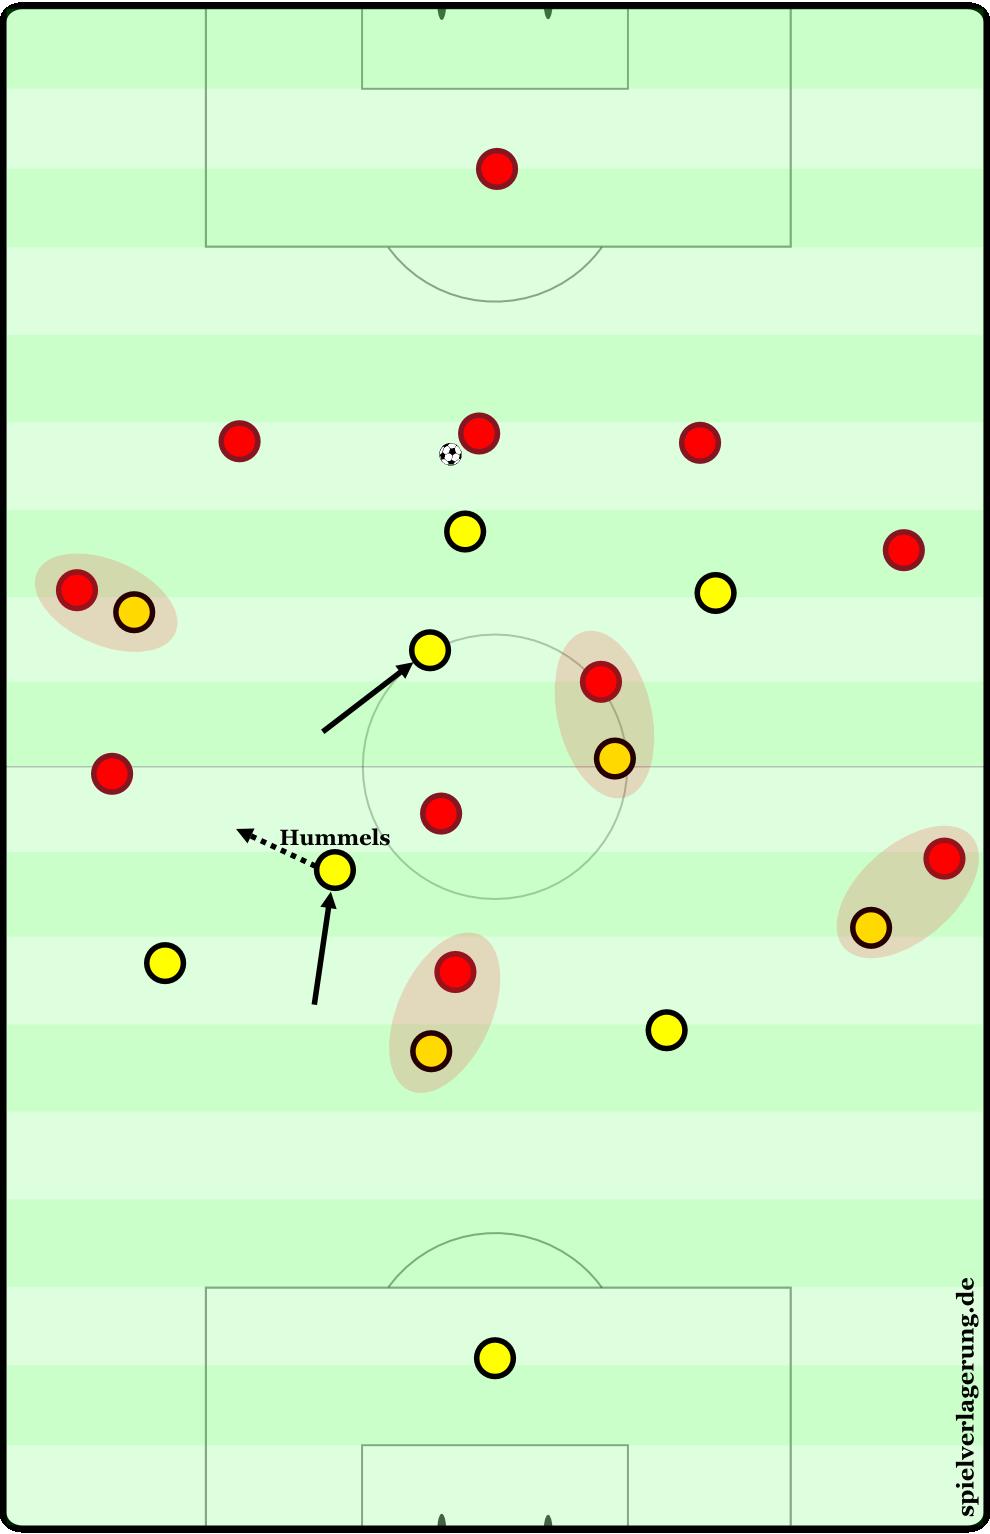 2016-03-05_Dortmund-Bayern_Hummels-Herausrücken